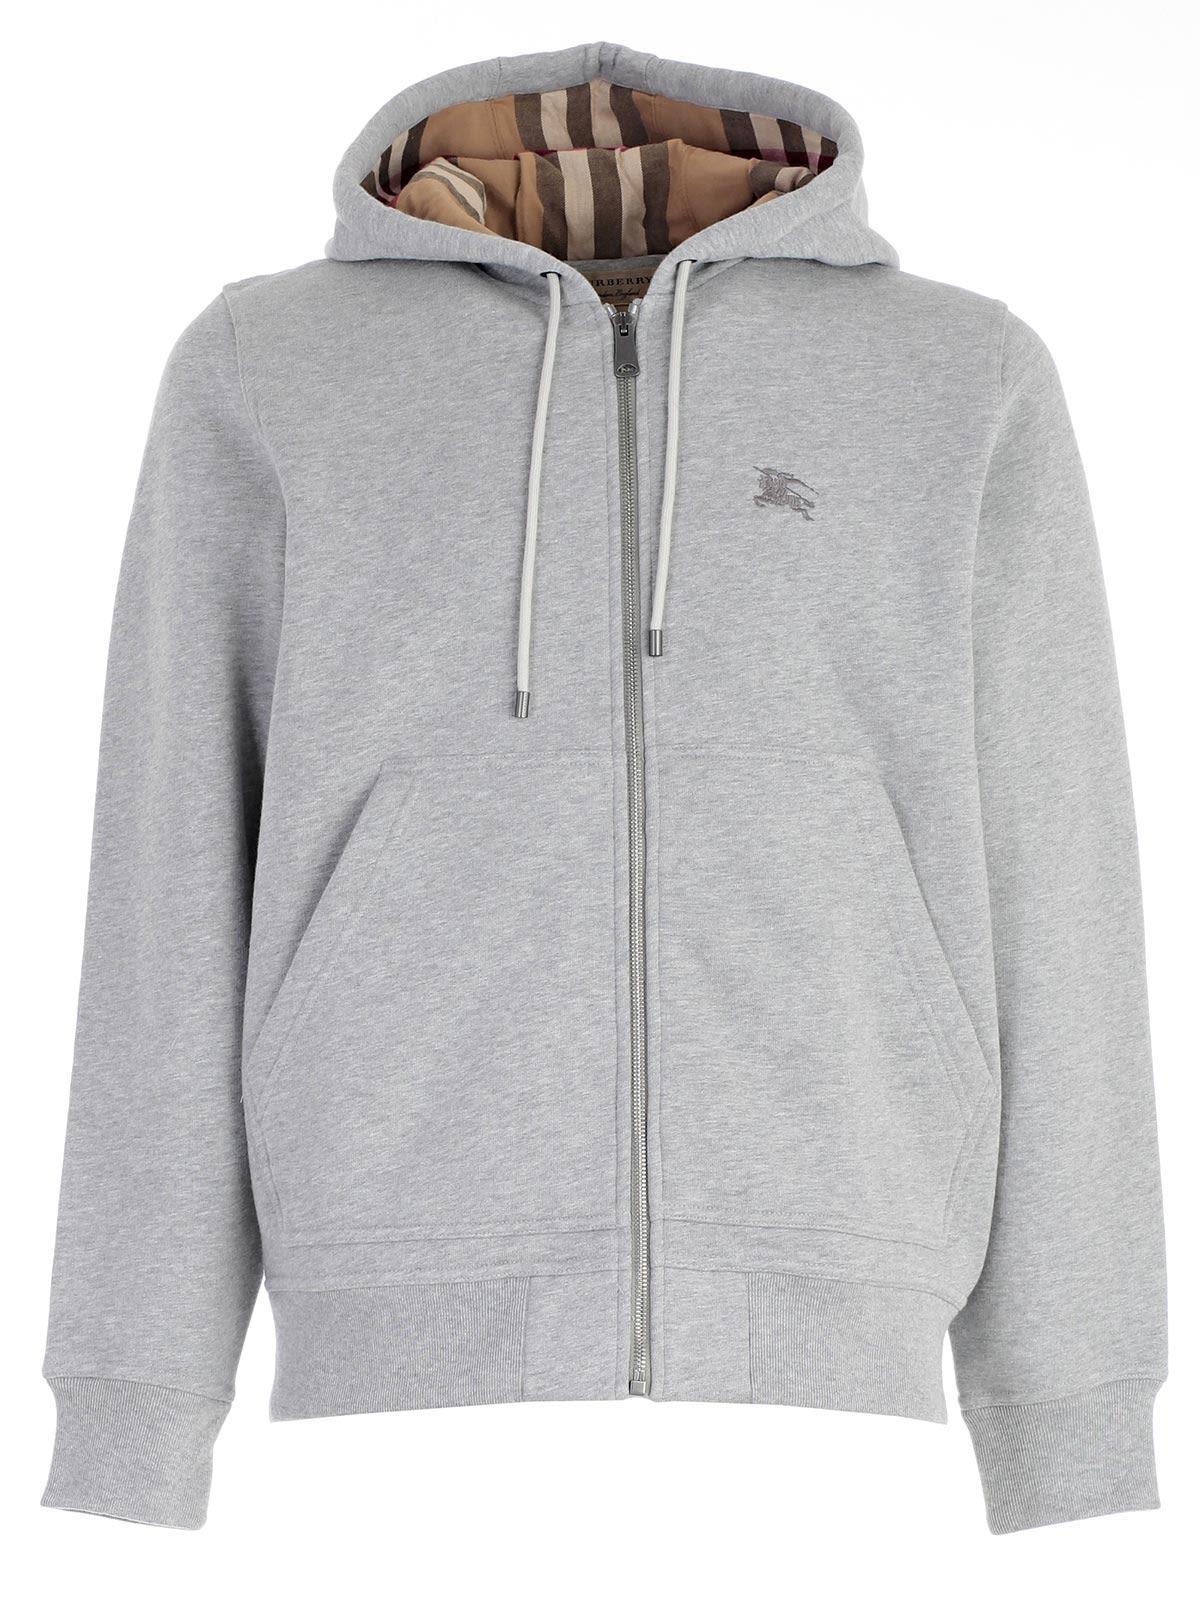 burberry hoodie mens grey